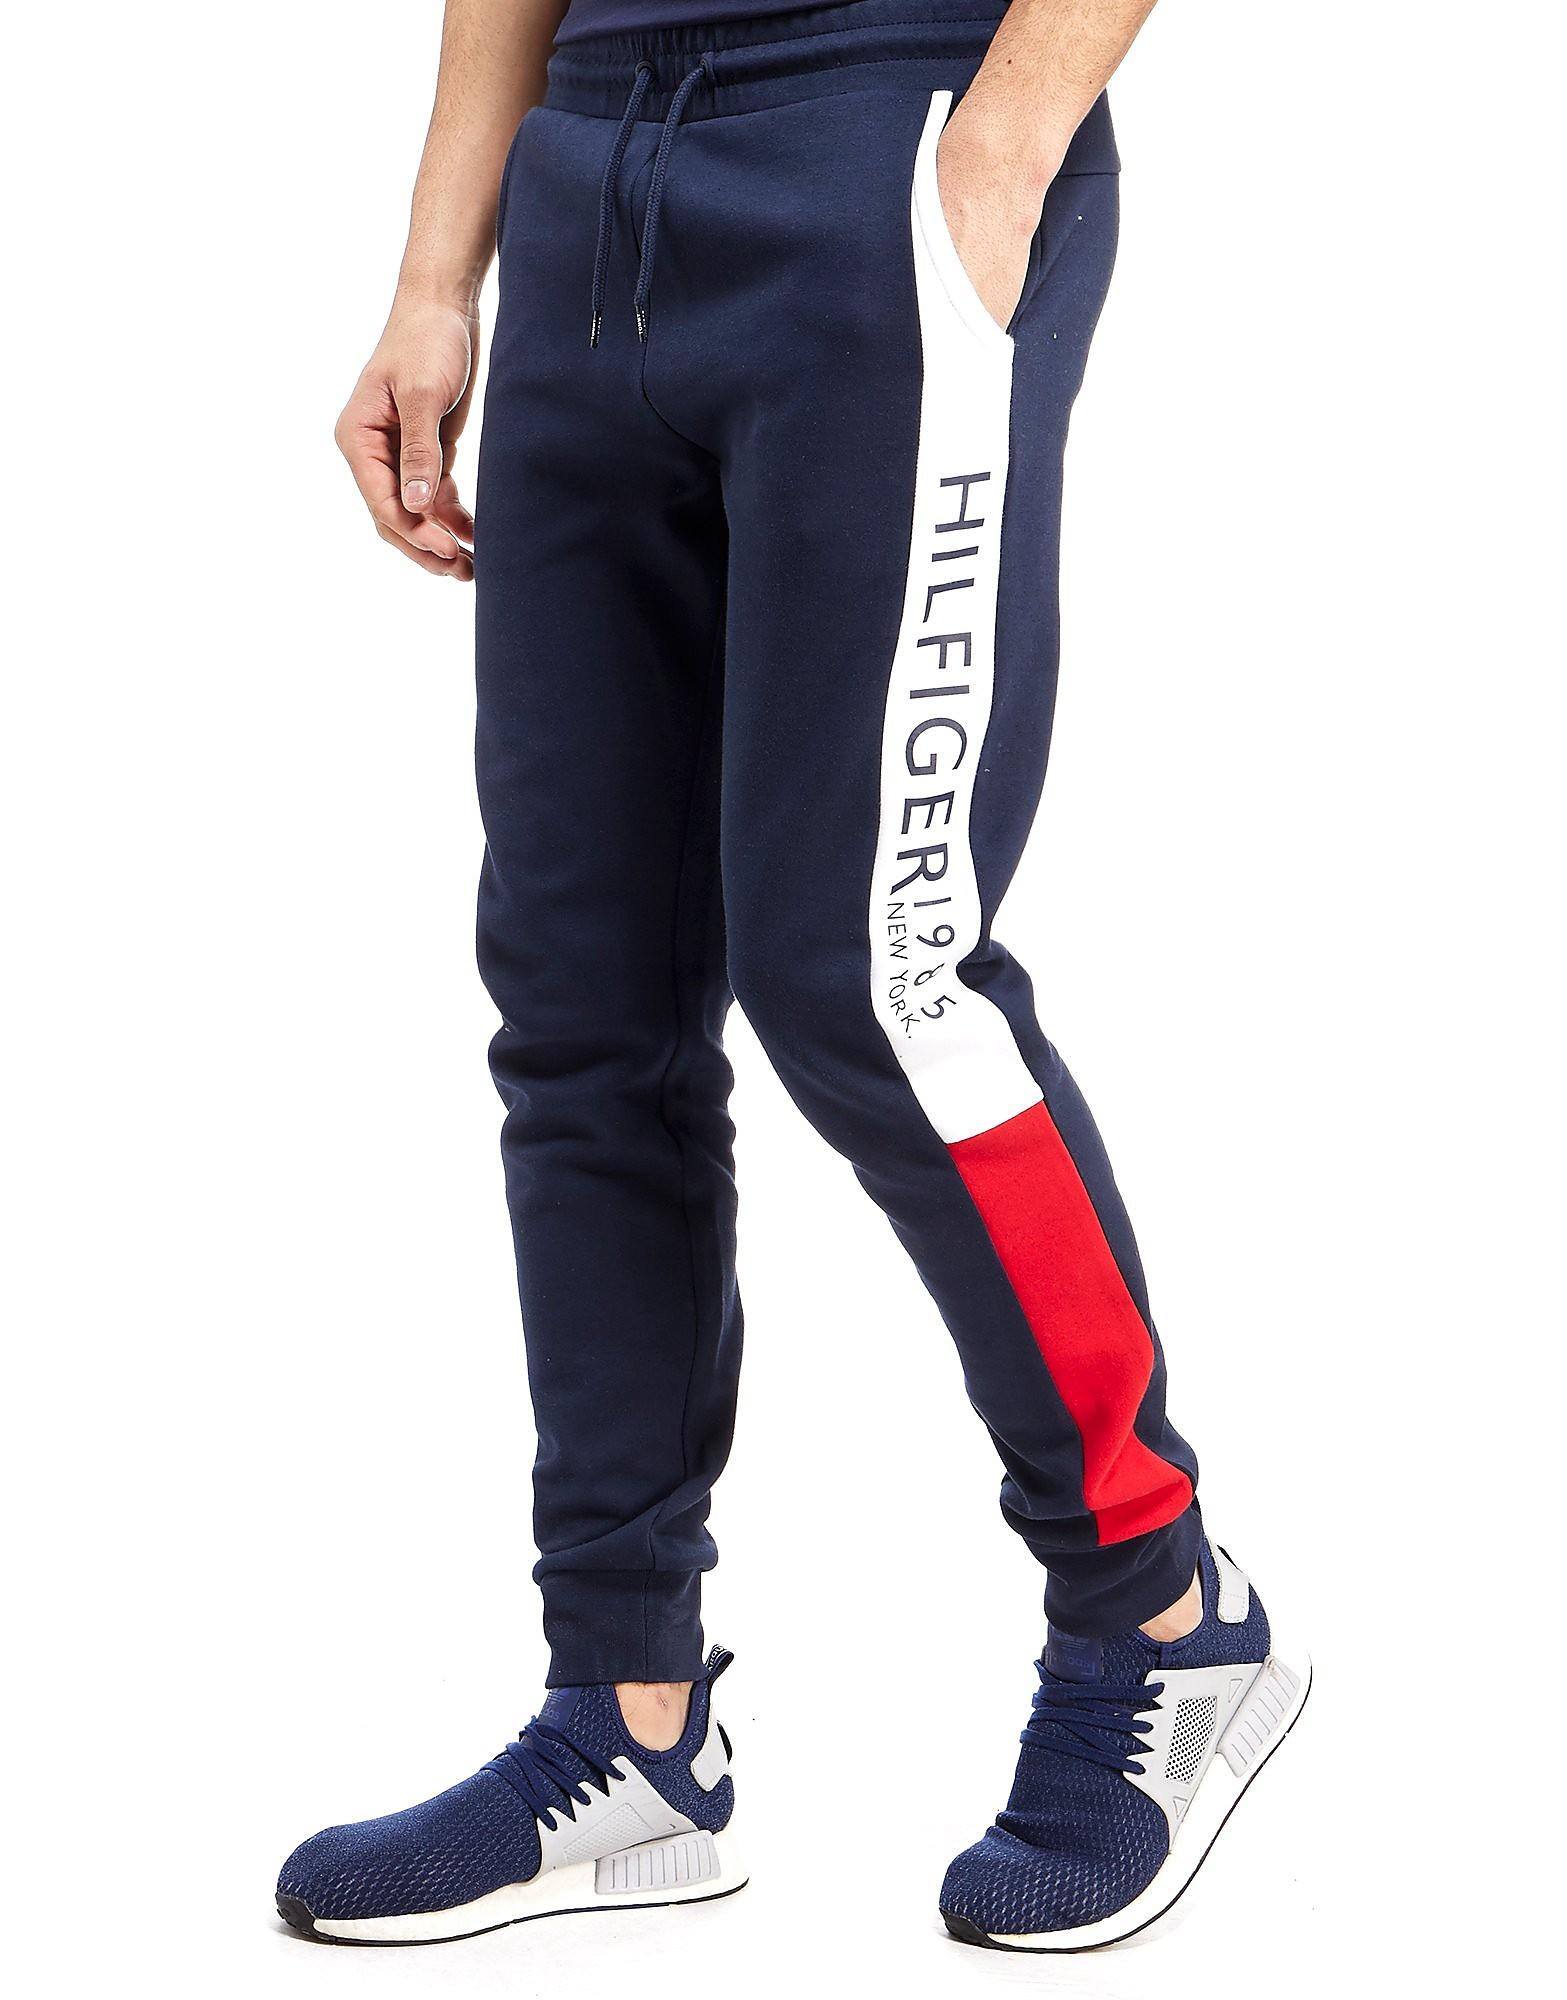 Tommy Hilfiger Flag Side Leg Pants